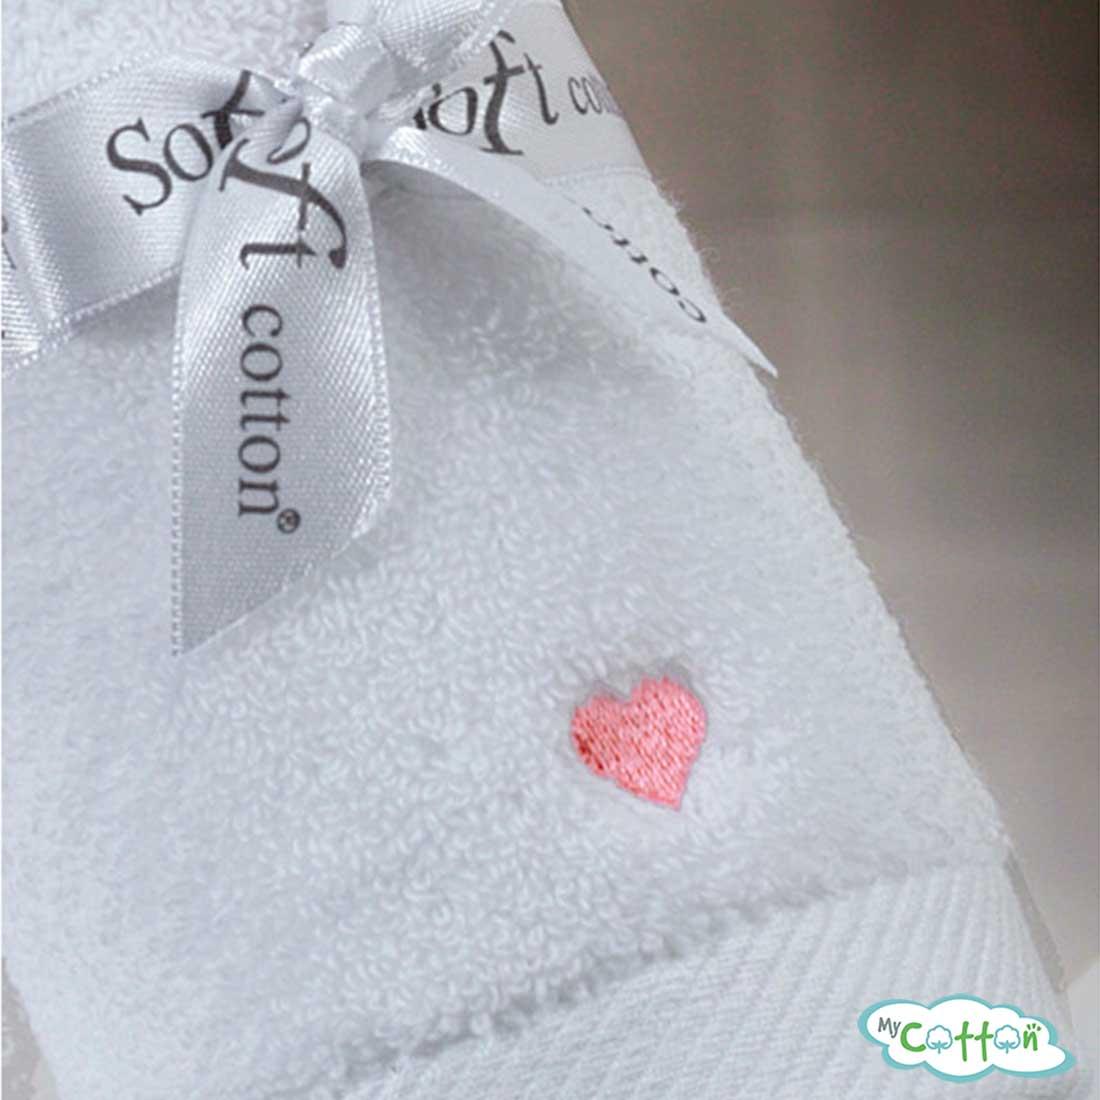 Полотенце махровое Soft Cotton белое c розовыми сердечками LOVE/